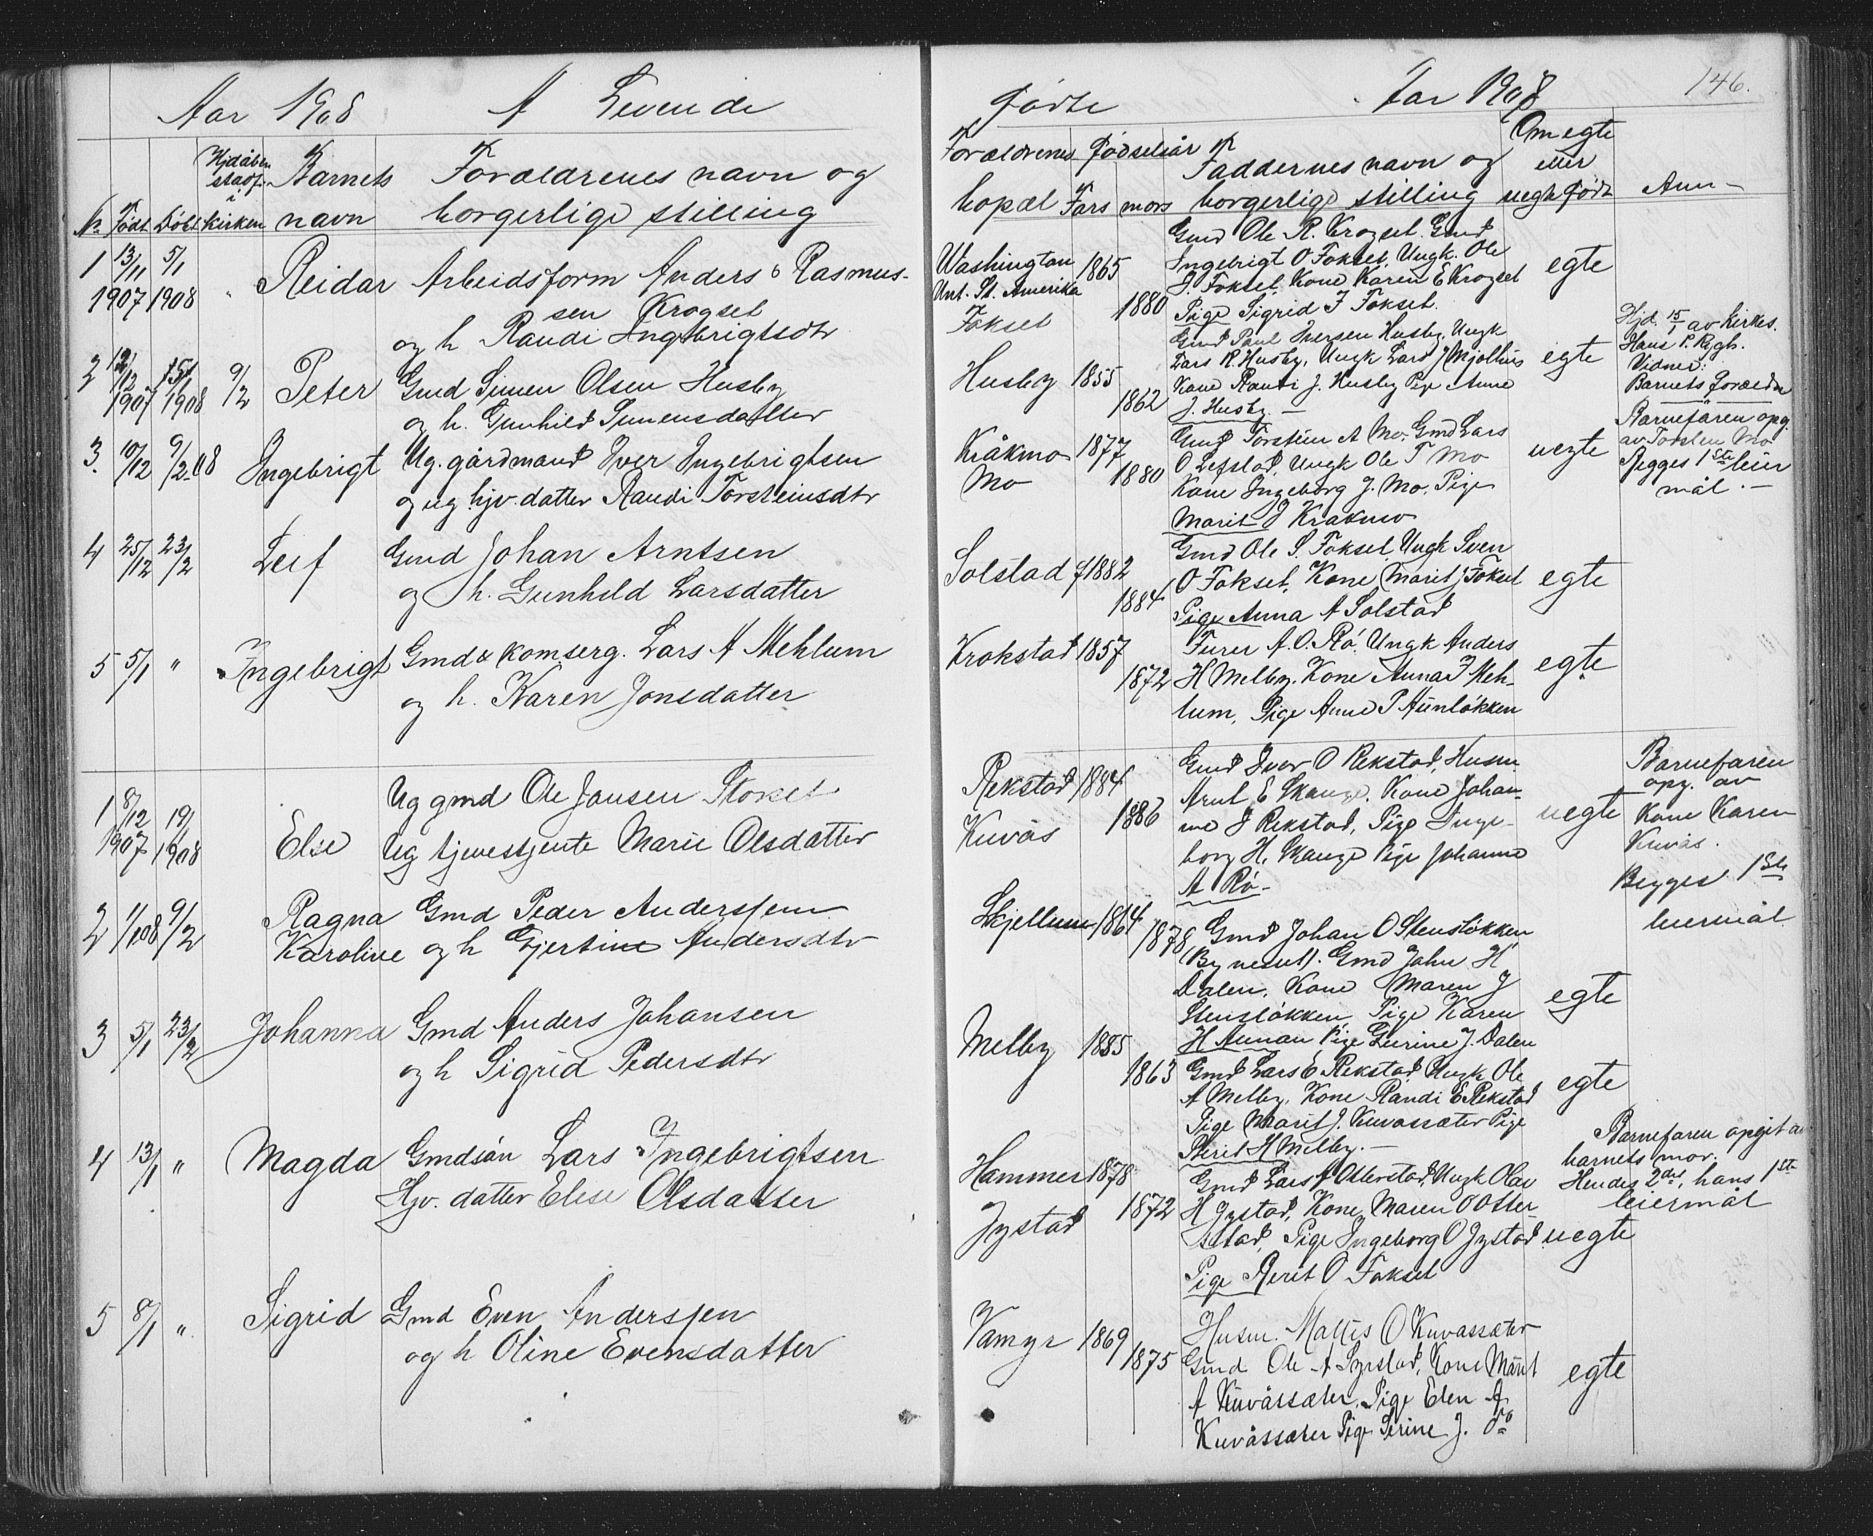 SAT, Ministerialprotokoller, klokkerbøker og fødselsregistre - Sør-Trøndelag, 667/L0798: Klokkerbok nr. 667C03, 1867-1929, s. 146